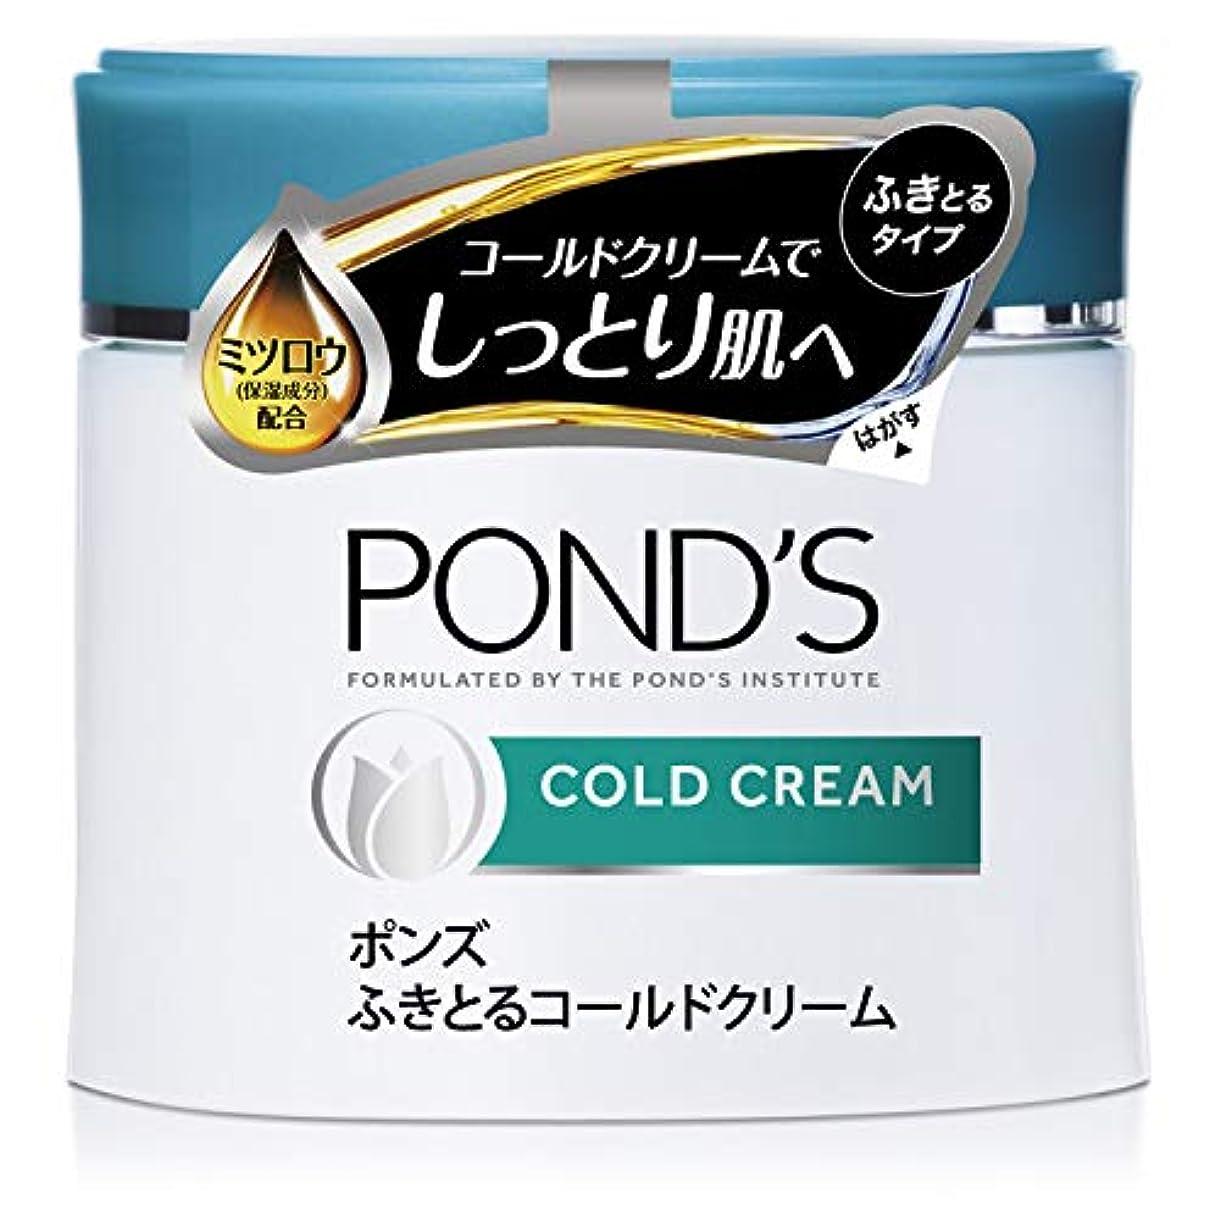 穏やかな廃棄する超えてユニリーバ?ジャパン ポンズ ふきとるコールドクリーム 270g 無着色(クレンジングクリーム)×24点セット (4902111727387)